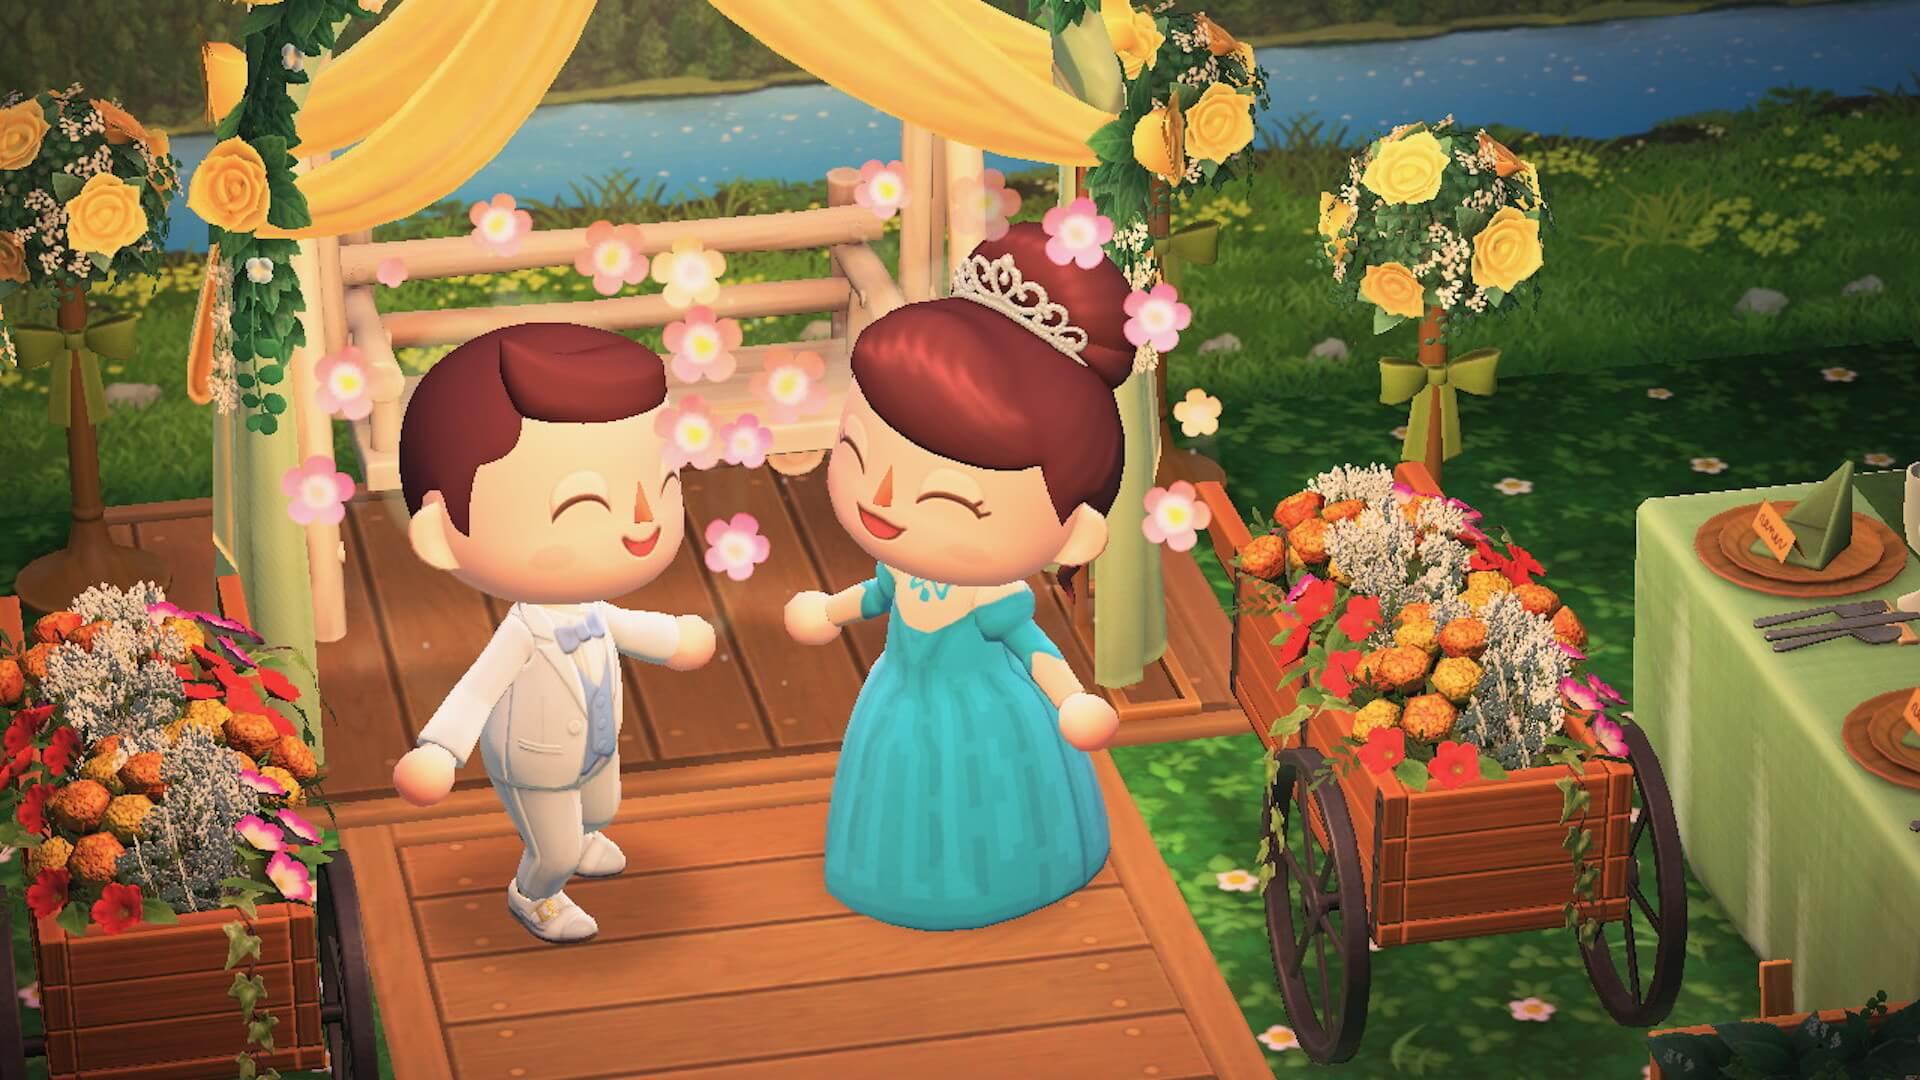 あつ森でYumi Katsuraのウエディングドレスを着て結婚式を挙げよう!?『あつまれ どうぶつの森』マイデザインが公式Instgramで配布開始 tech200608_animalcrossing_4